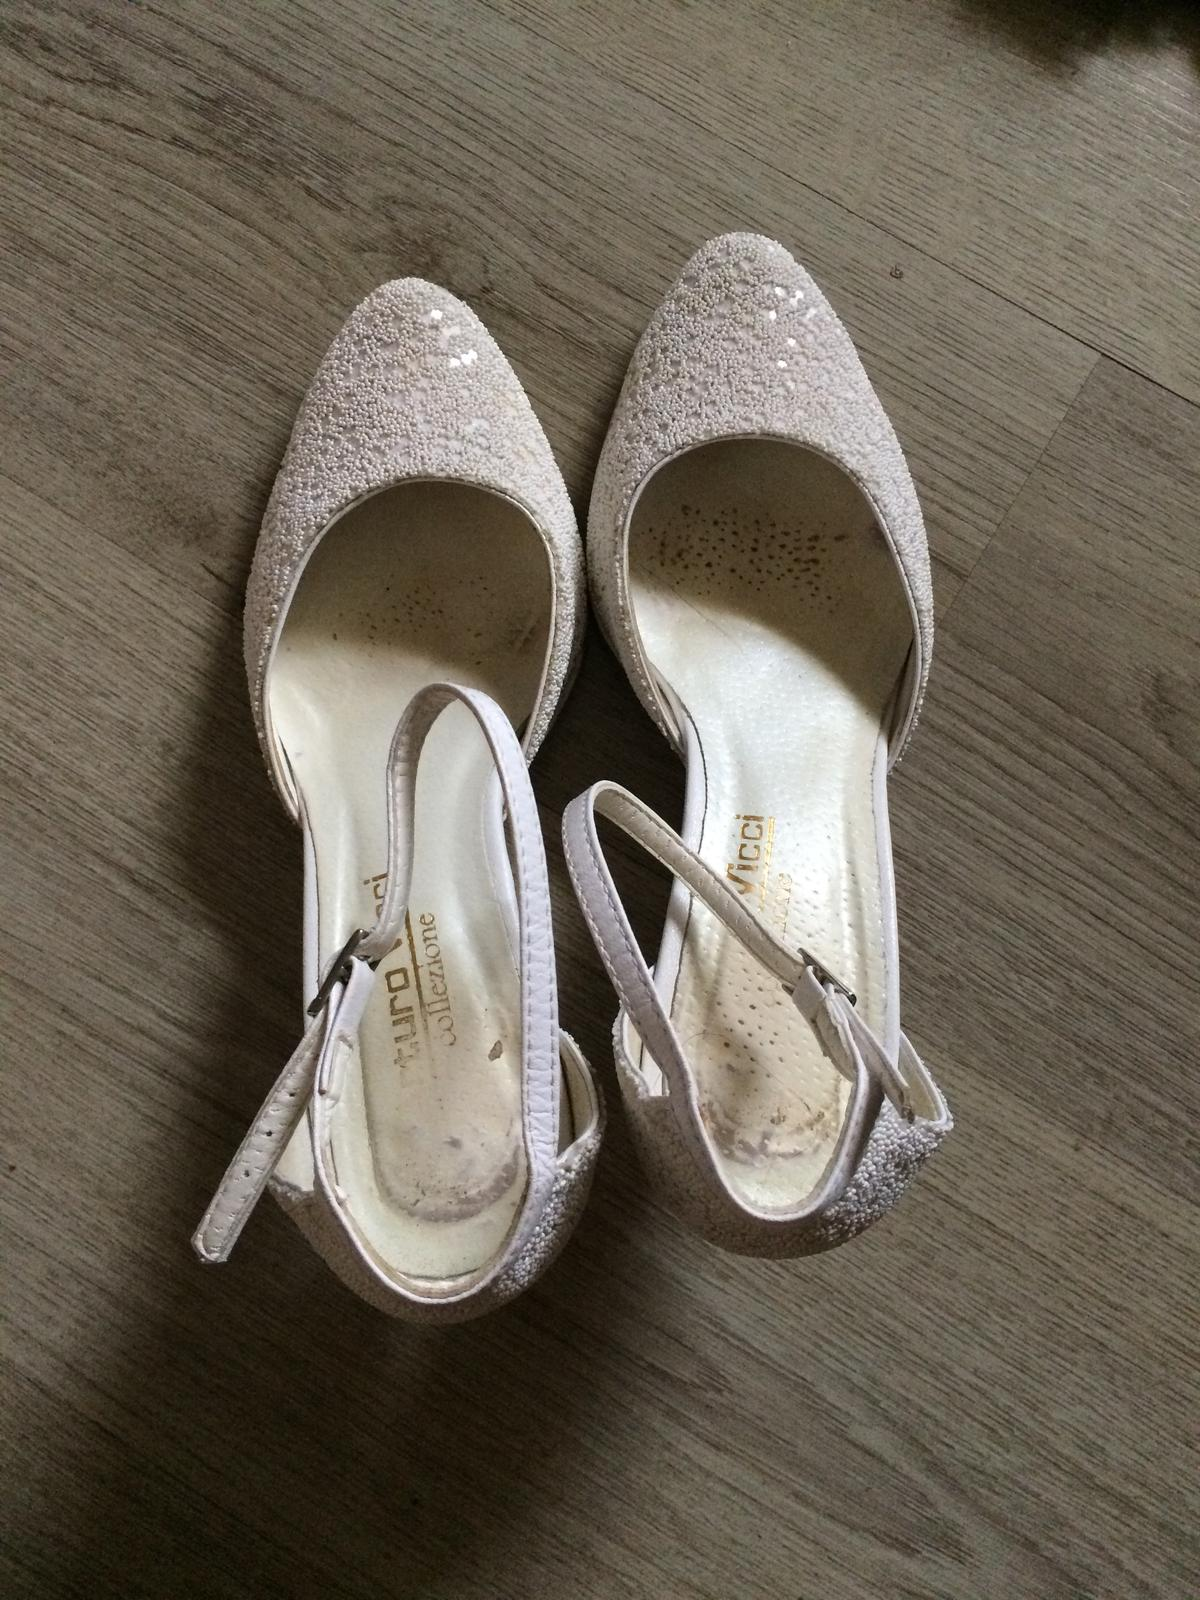 svadobné topánky č.39 - Obrázok č. 2